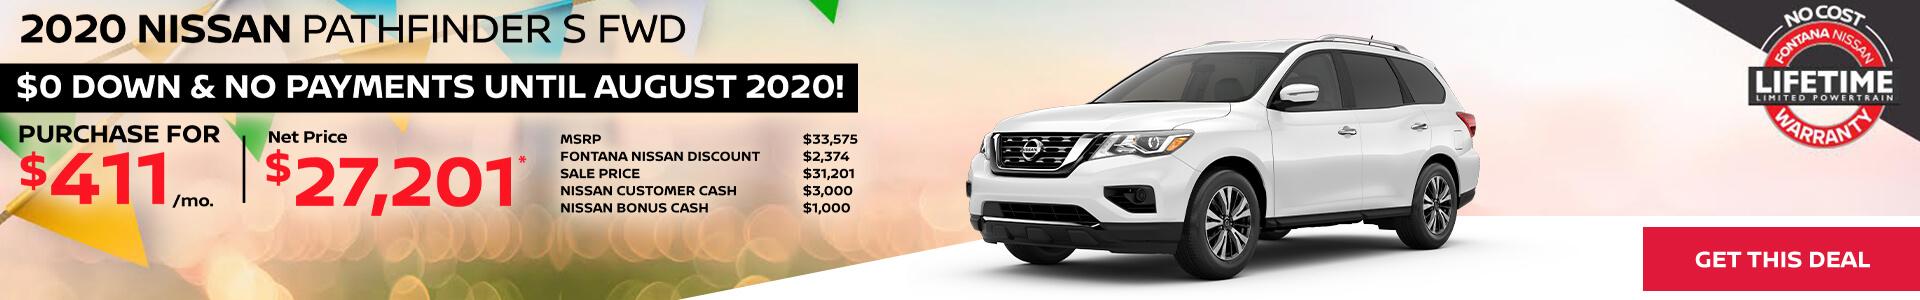 Nissan Pathfinder $411